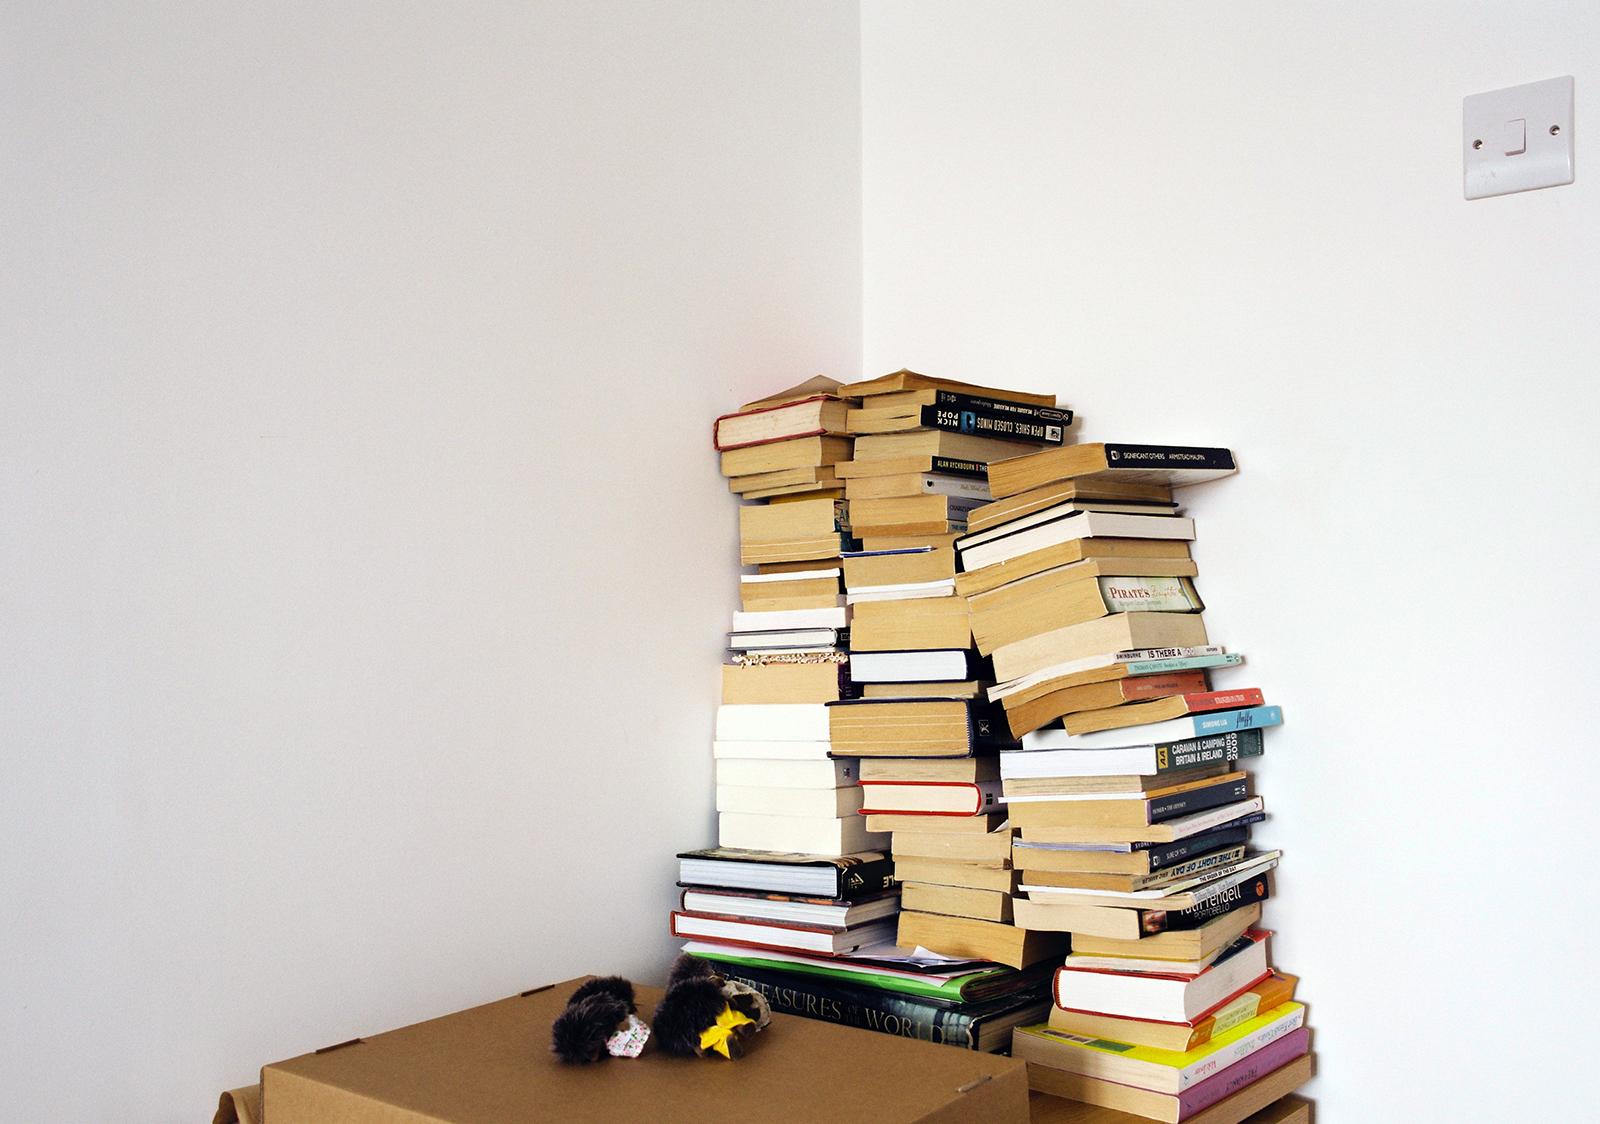 No shelf for the books, Brighton UK